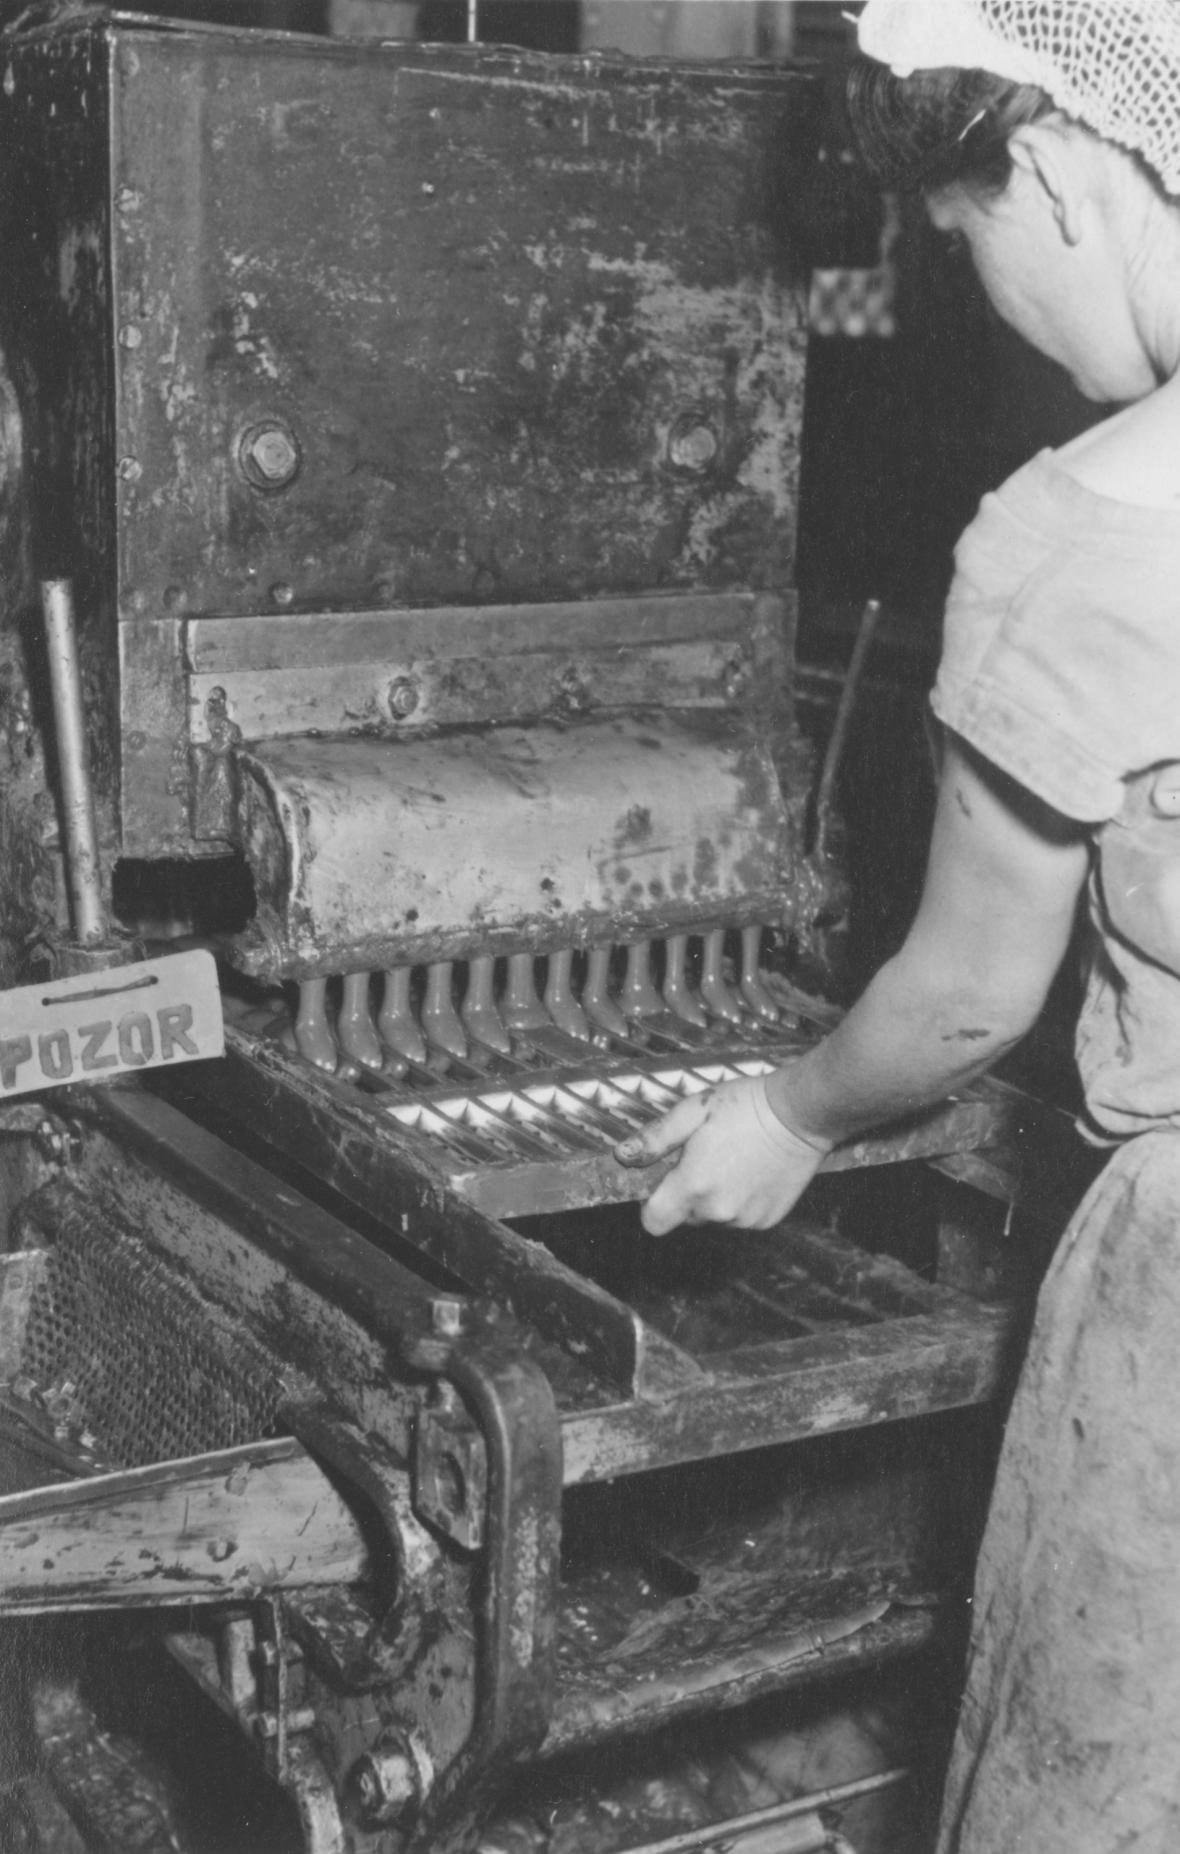 Výroba v Zoře  v minulém století